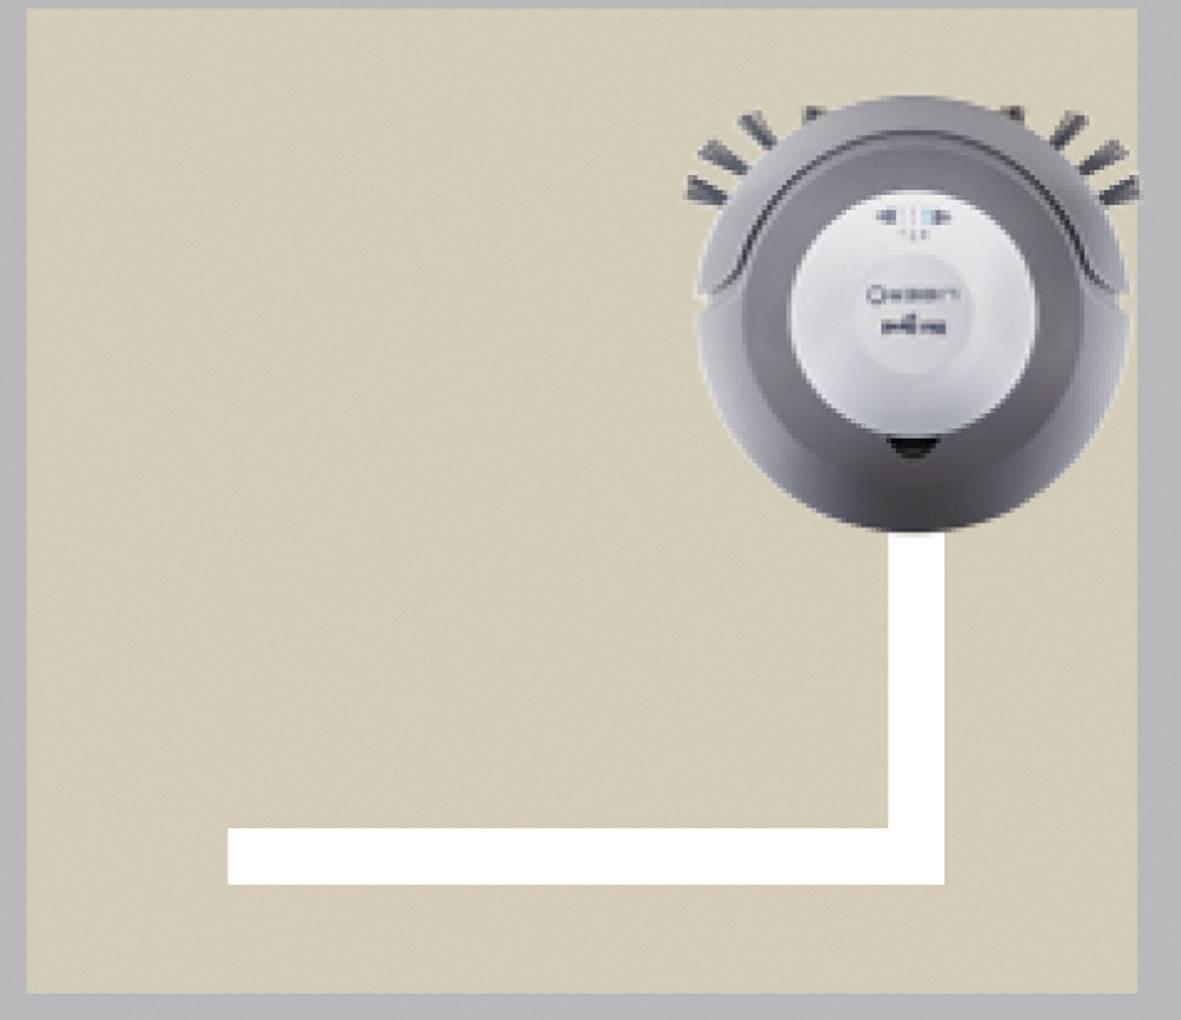 Robot aspirateur anthracite (métallisé) 68 dB (A) autonomie